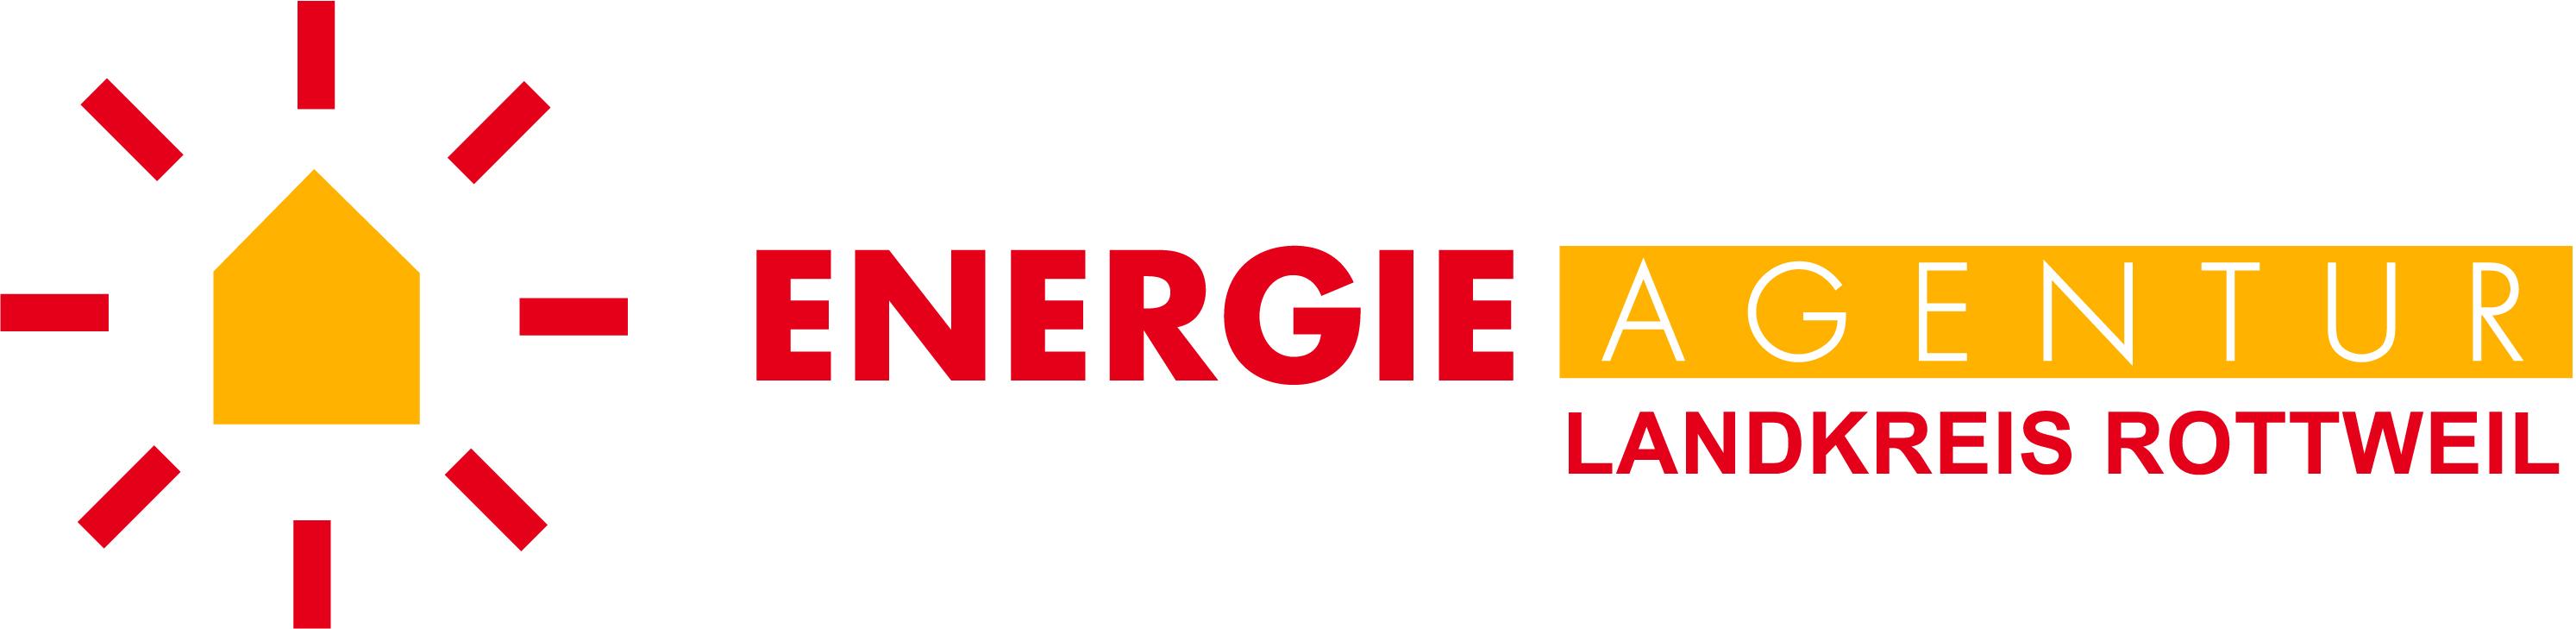 Logo Energie Agentur Landkreis Rottweil